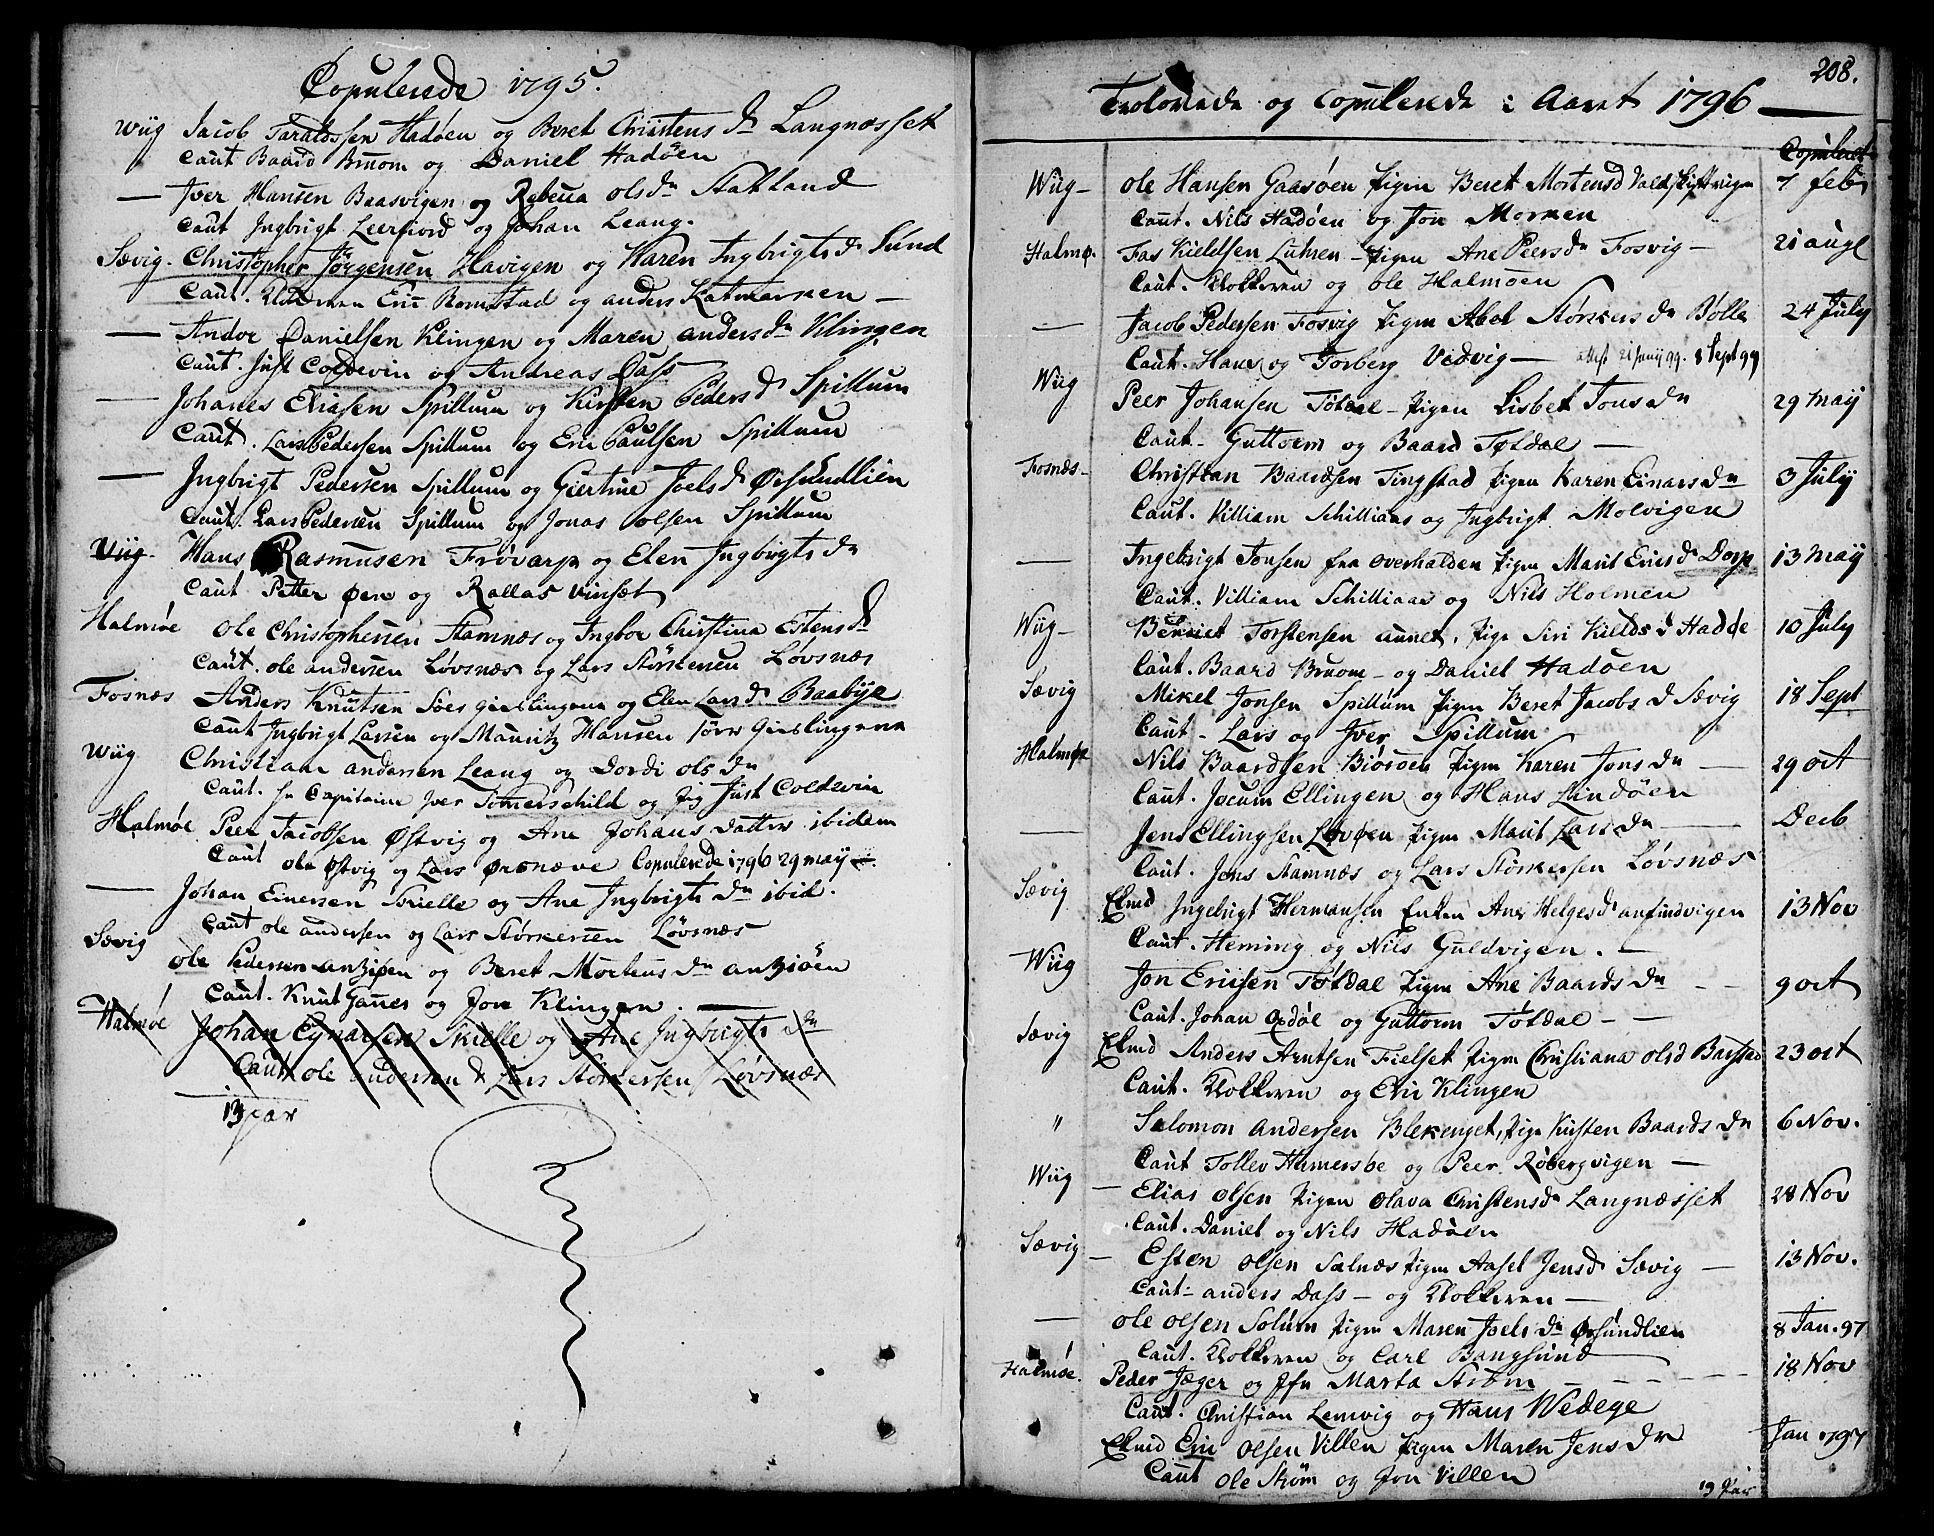 SAT, Ministerialprotokoller, klokkerbøker og fødselsregistre - Nord-Trøndelag, 773/L0608: Ministerialbok nr. 773A02, 1784-1816, s. 208